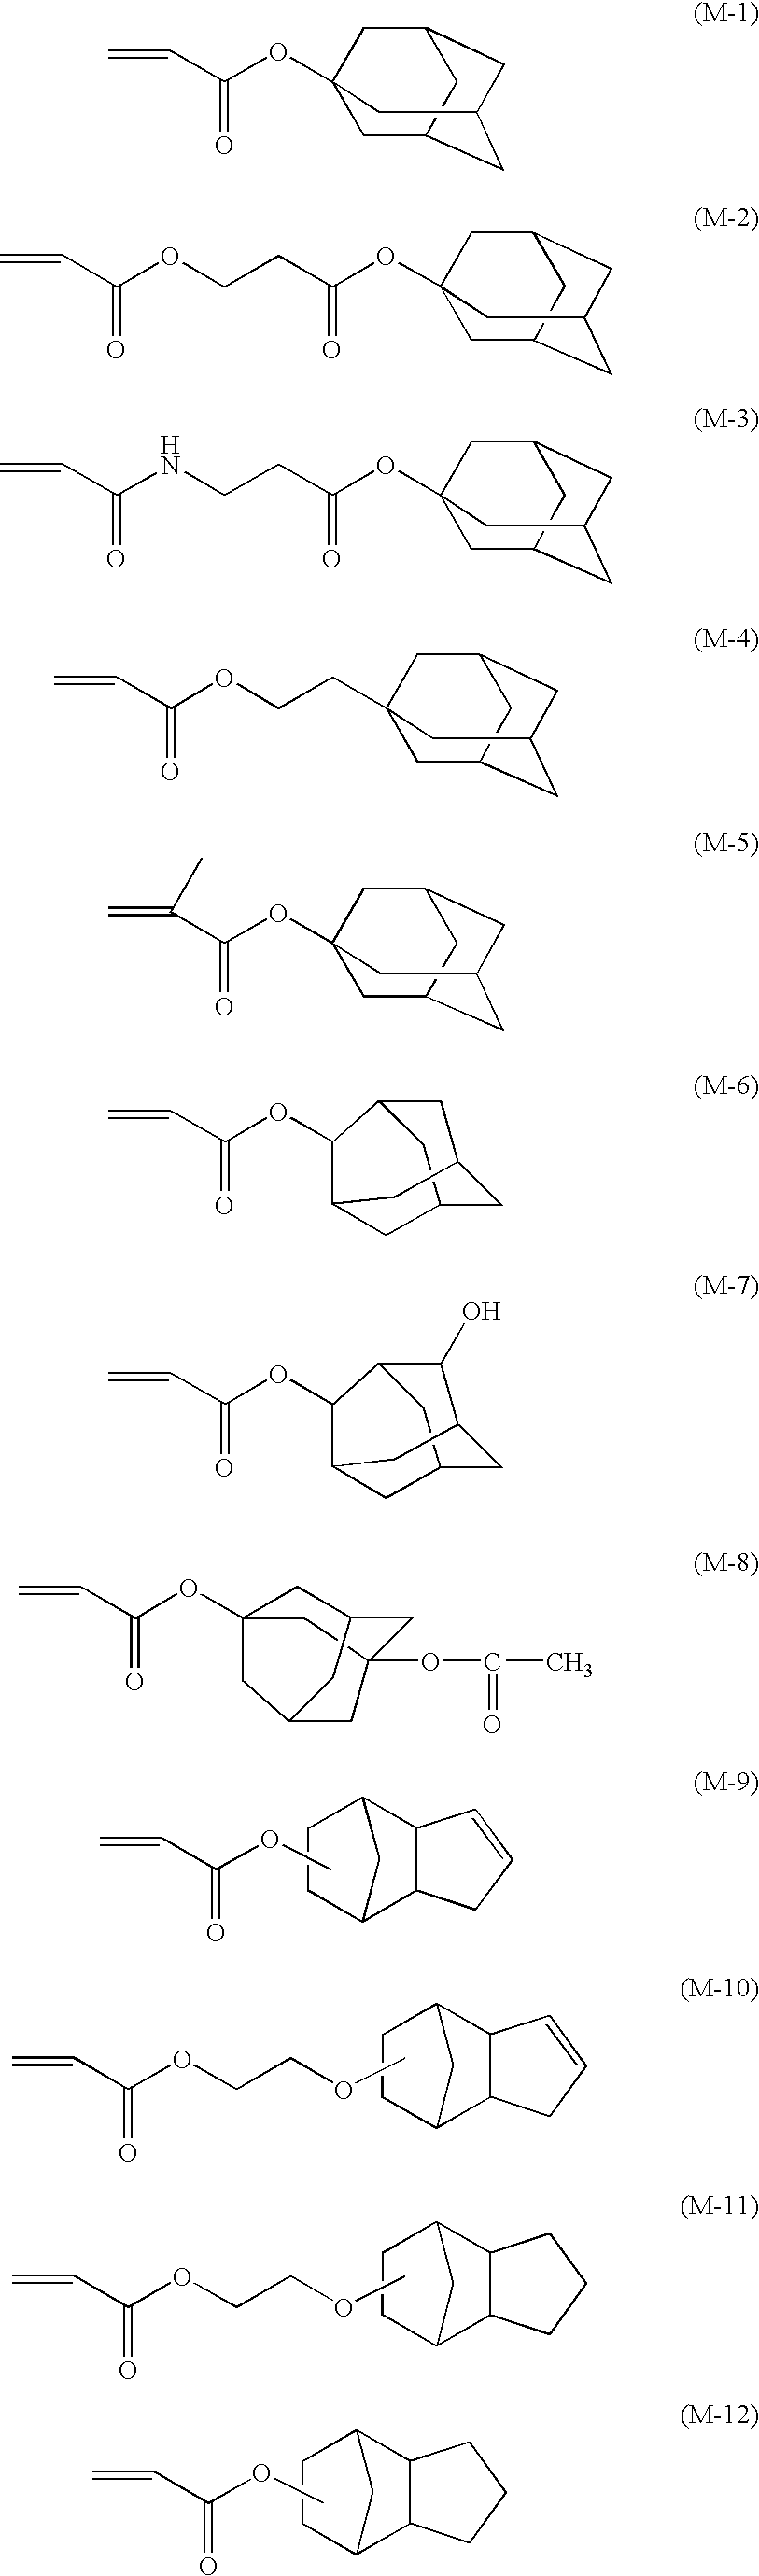 Figure US20090244116A1-20091001-C00009